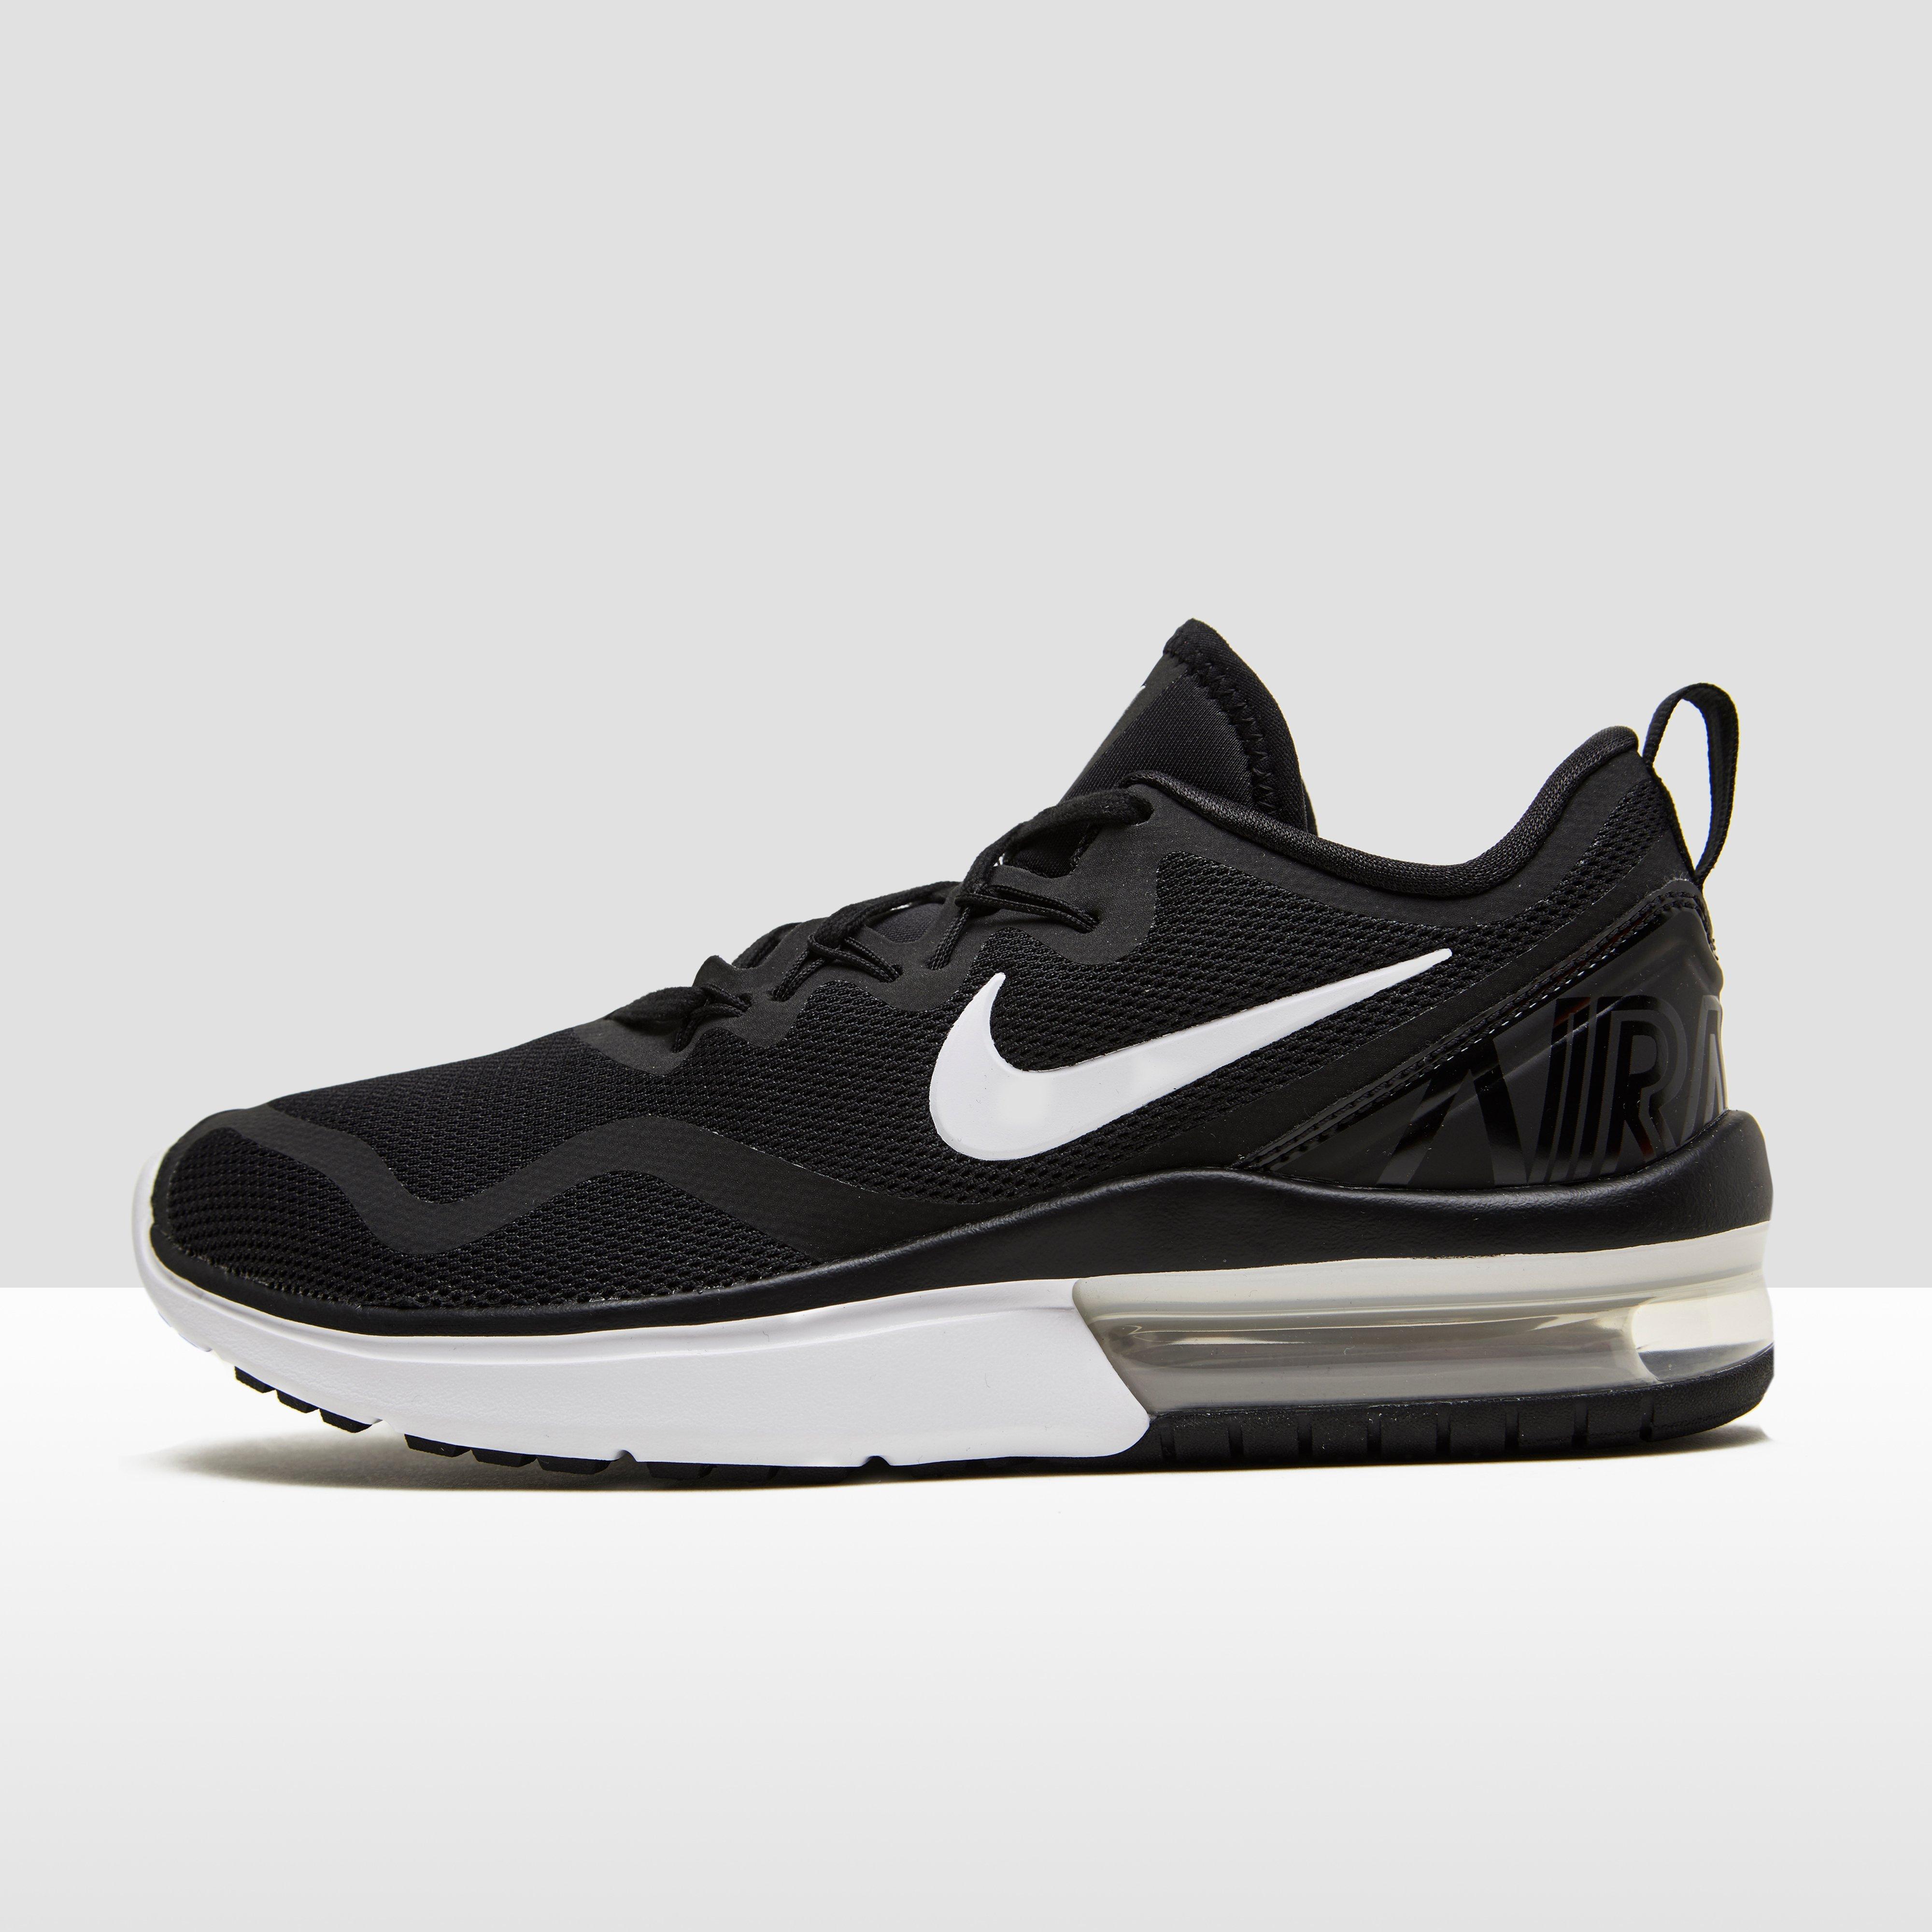 Nike Chaussures De Course Air Fureur Max - Enfants Noir / Blanc PjYWE